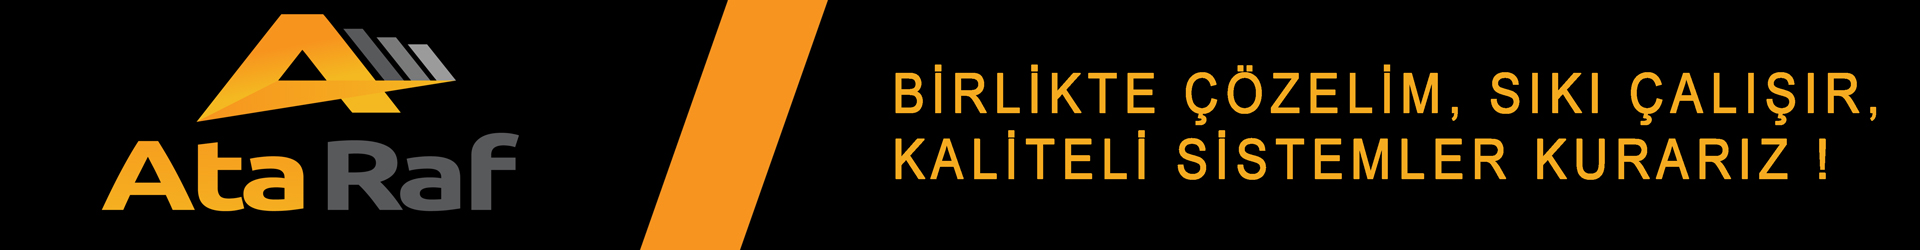 Ataraf Alt Çözüm Banner